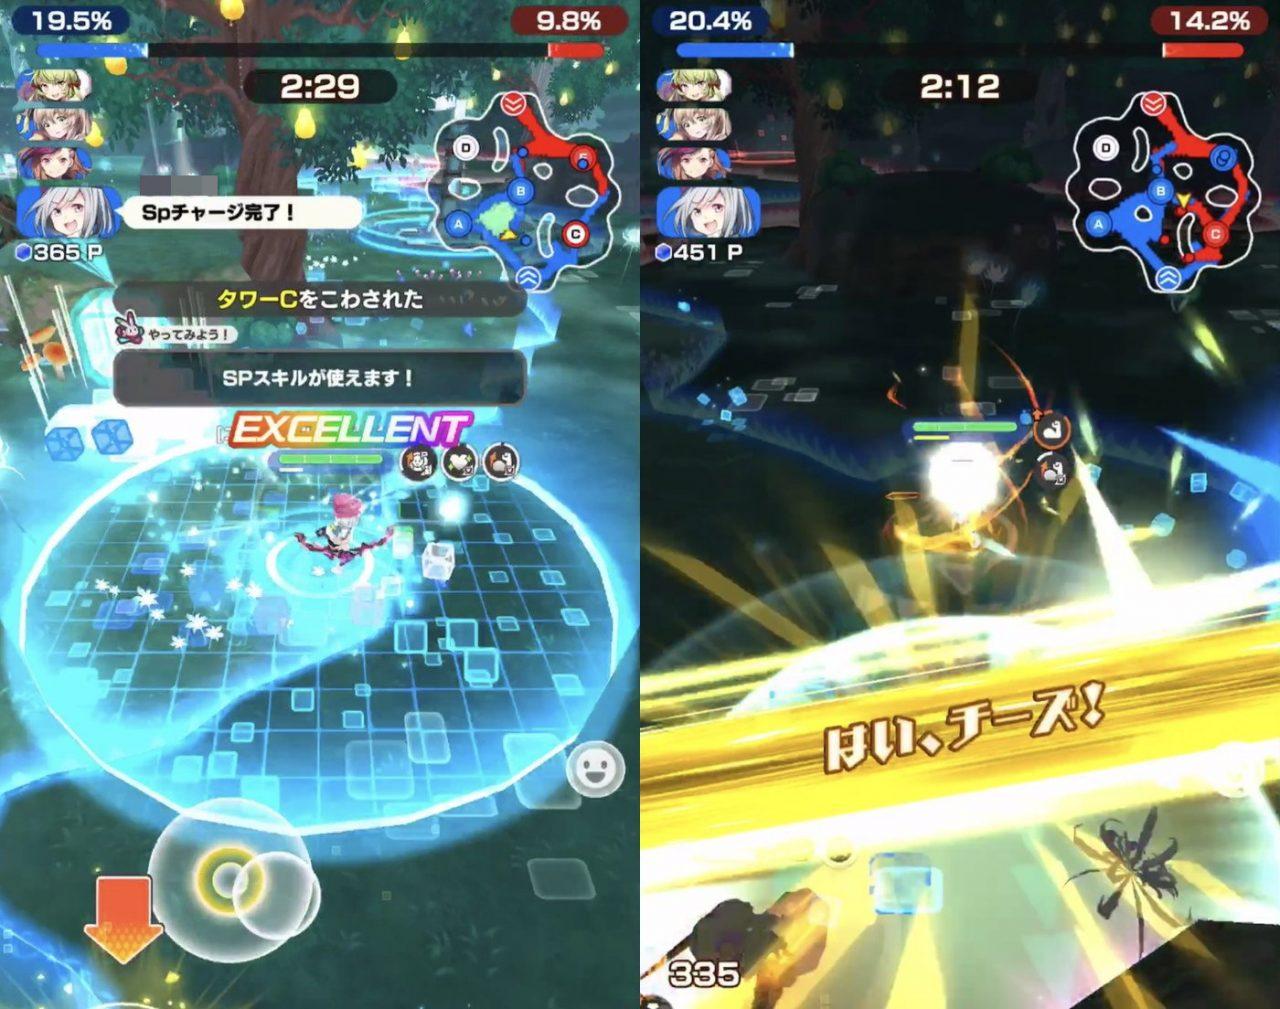 リンクスリングス【攻略】: ニコルの立ち回り方とおすすめ装備【6/3更新】